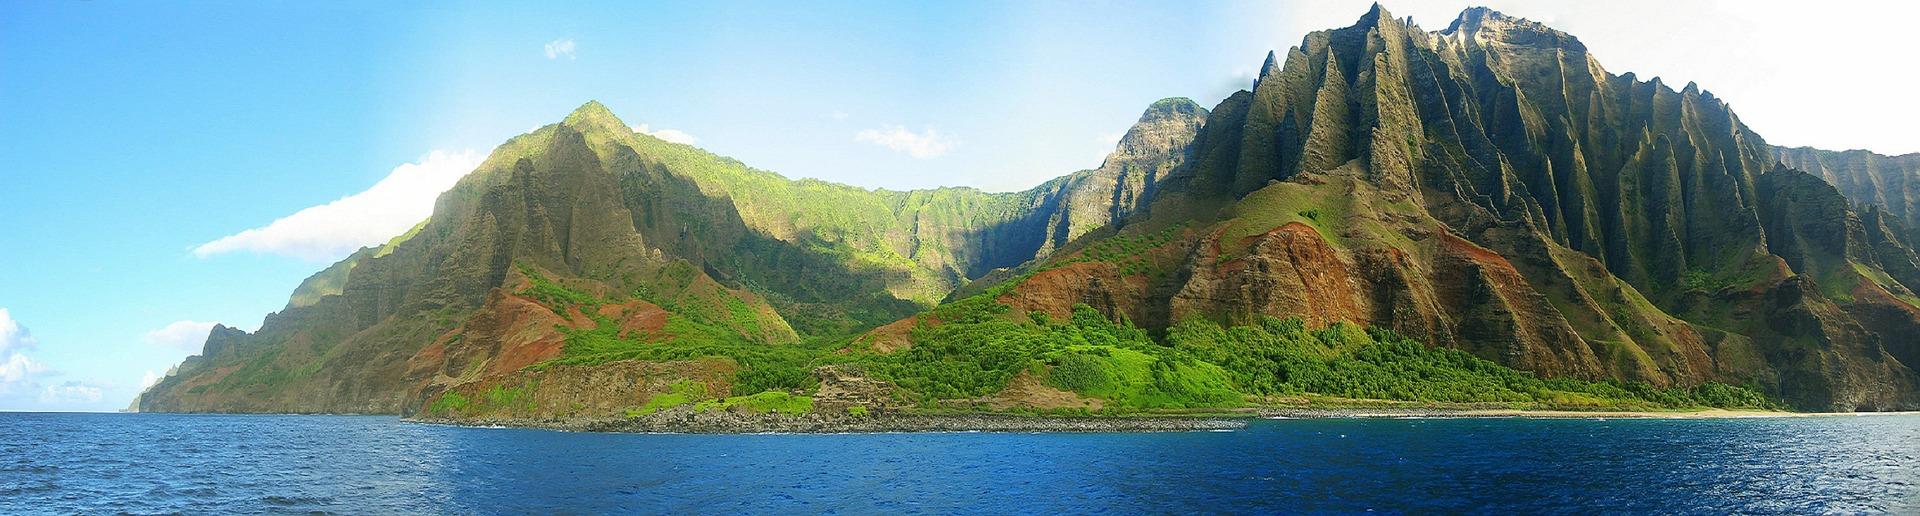 США Гаваї Кауаї